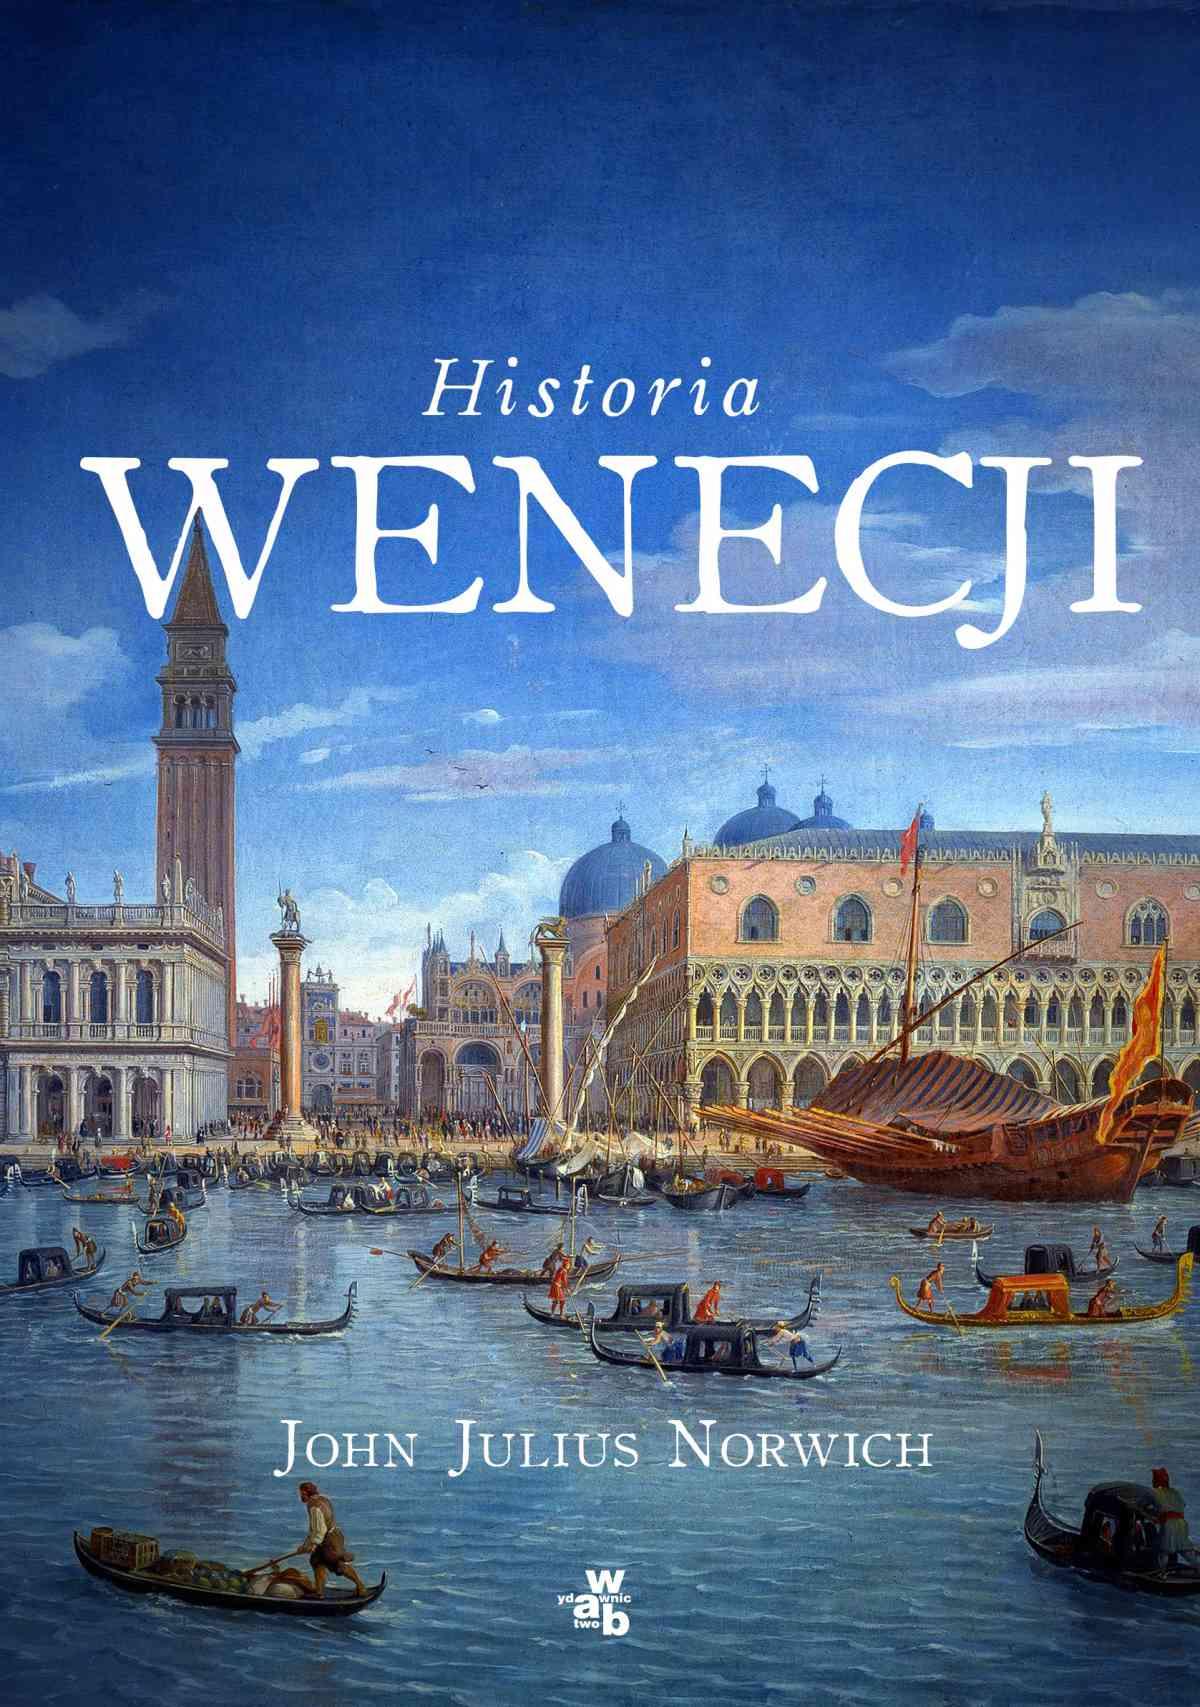 Historia Wenecji - Ebook (Książka EPUB) do pobrania w formacie EPUB